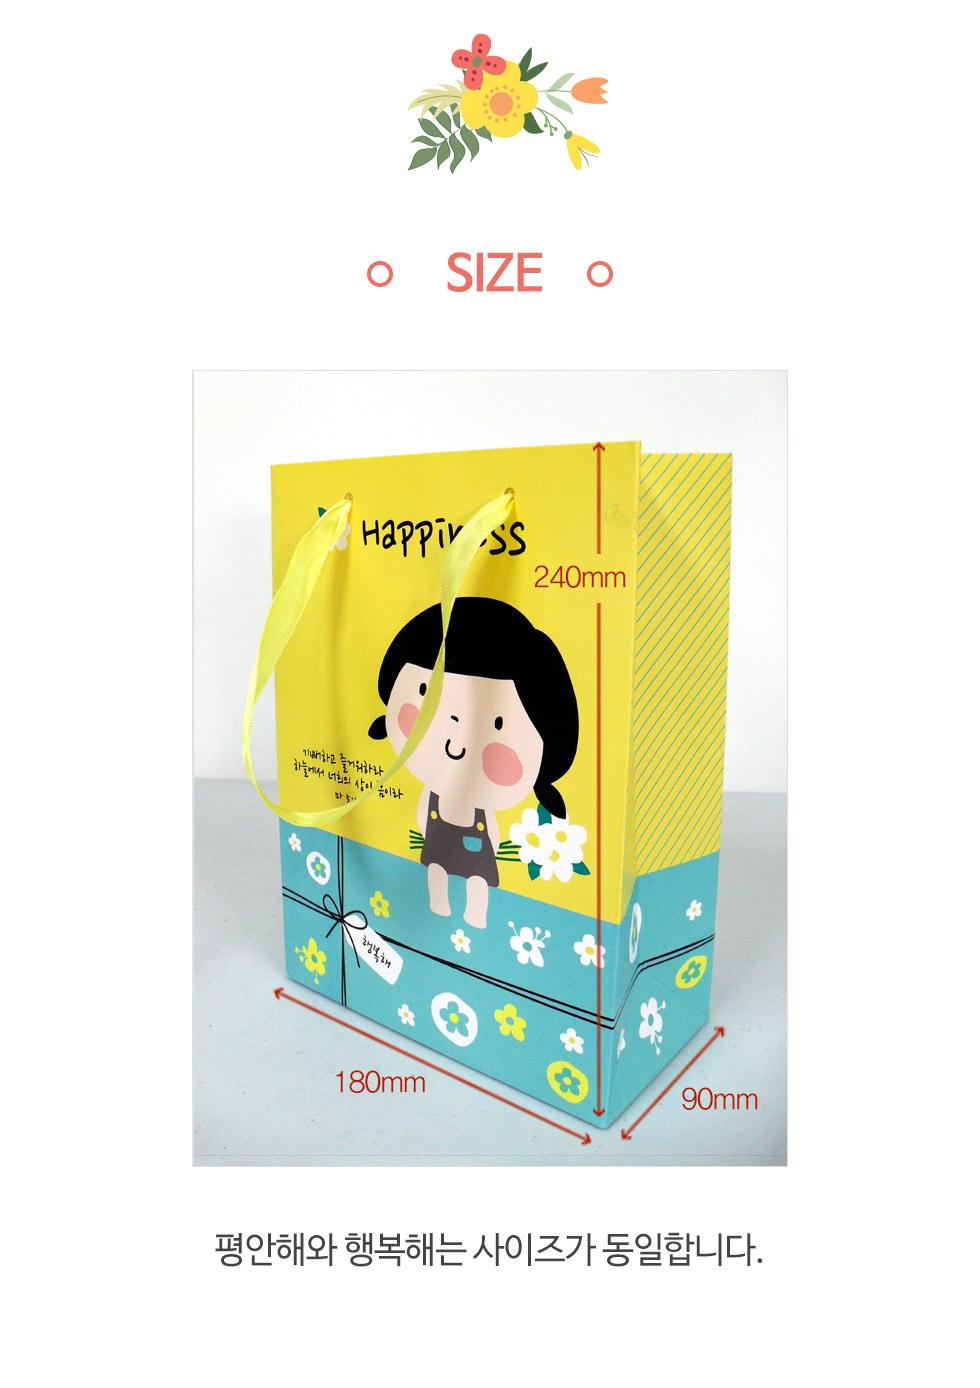 말씀쇼핑백(평안해,행복해) - 크기